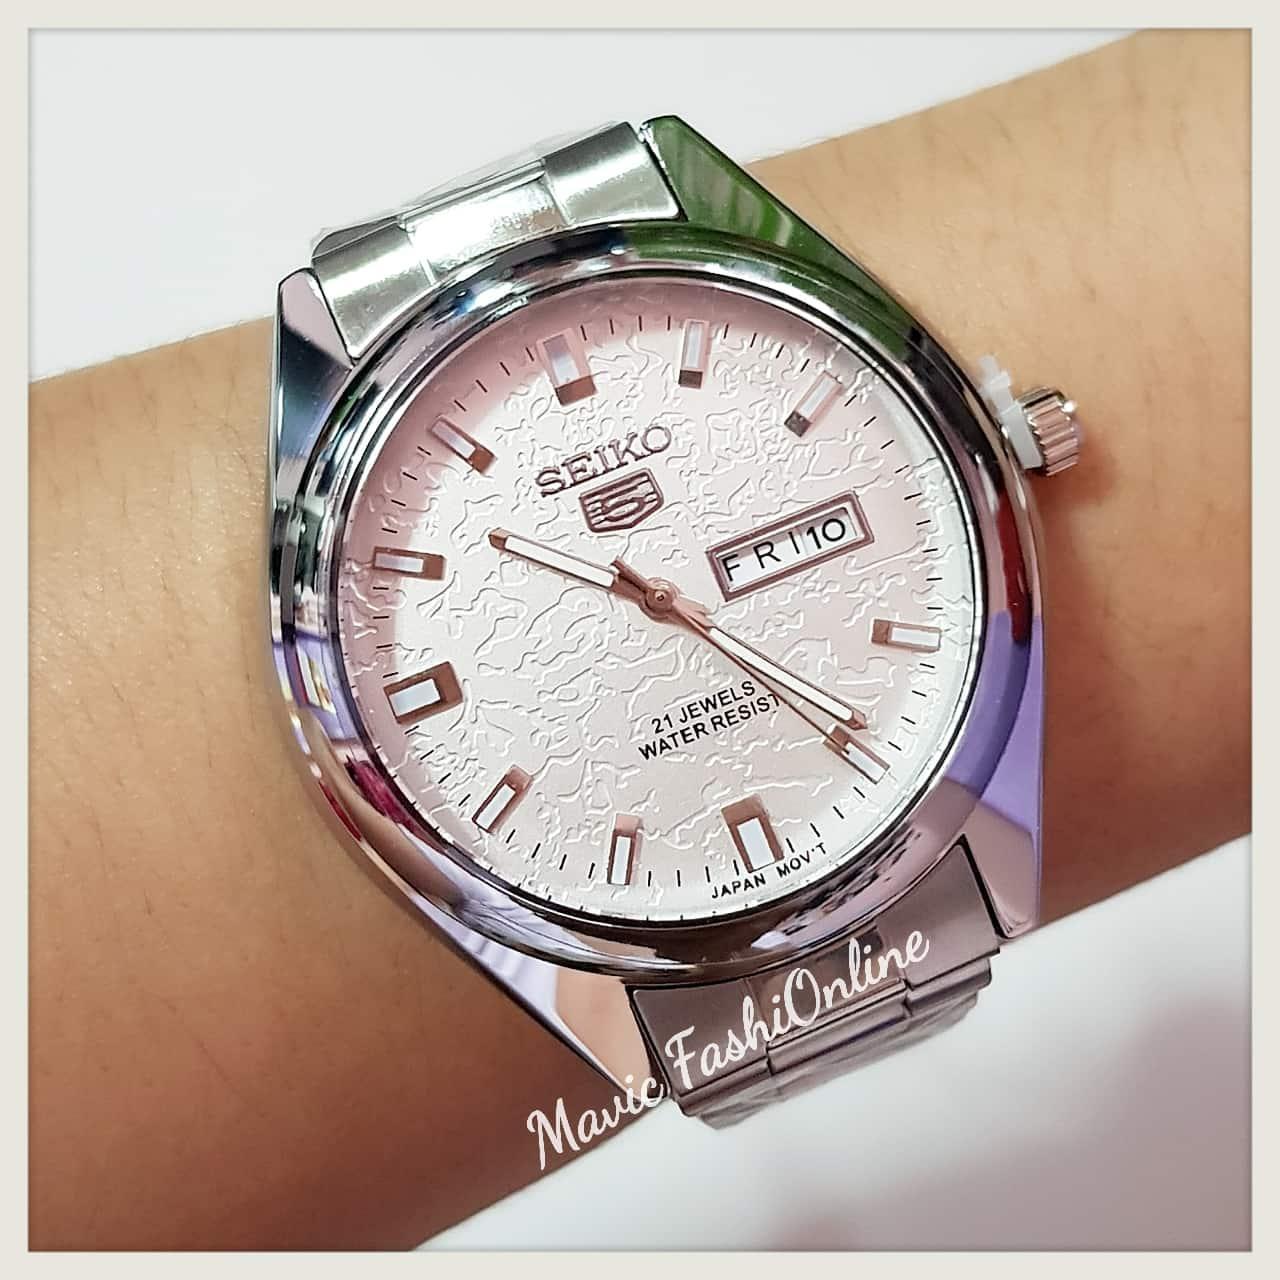 Casio Watches Philippines